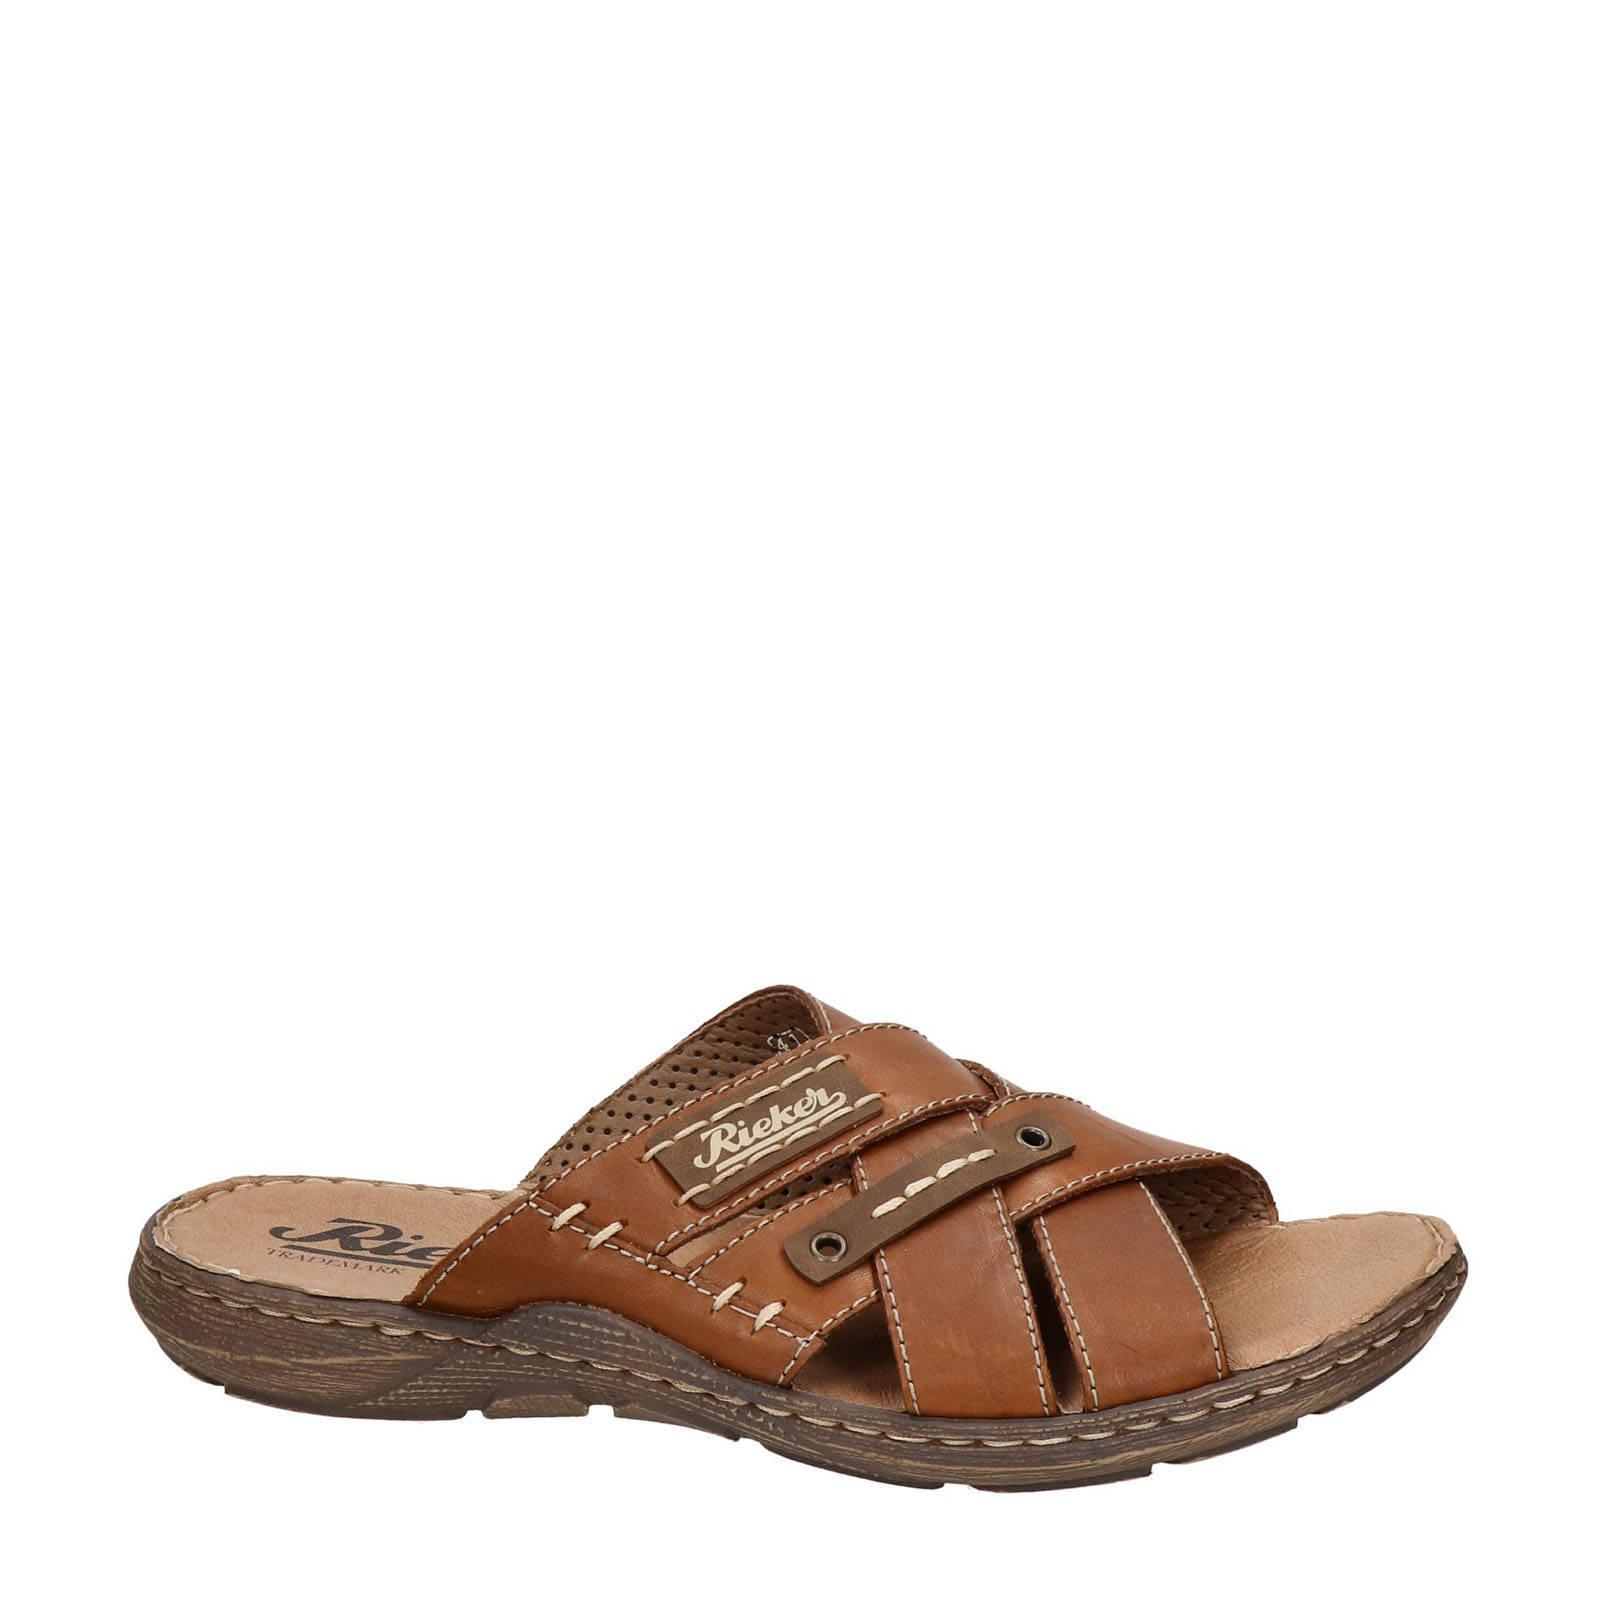 Rieker leren slippers bruin | wehkamp